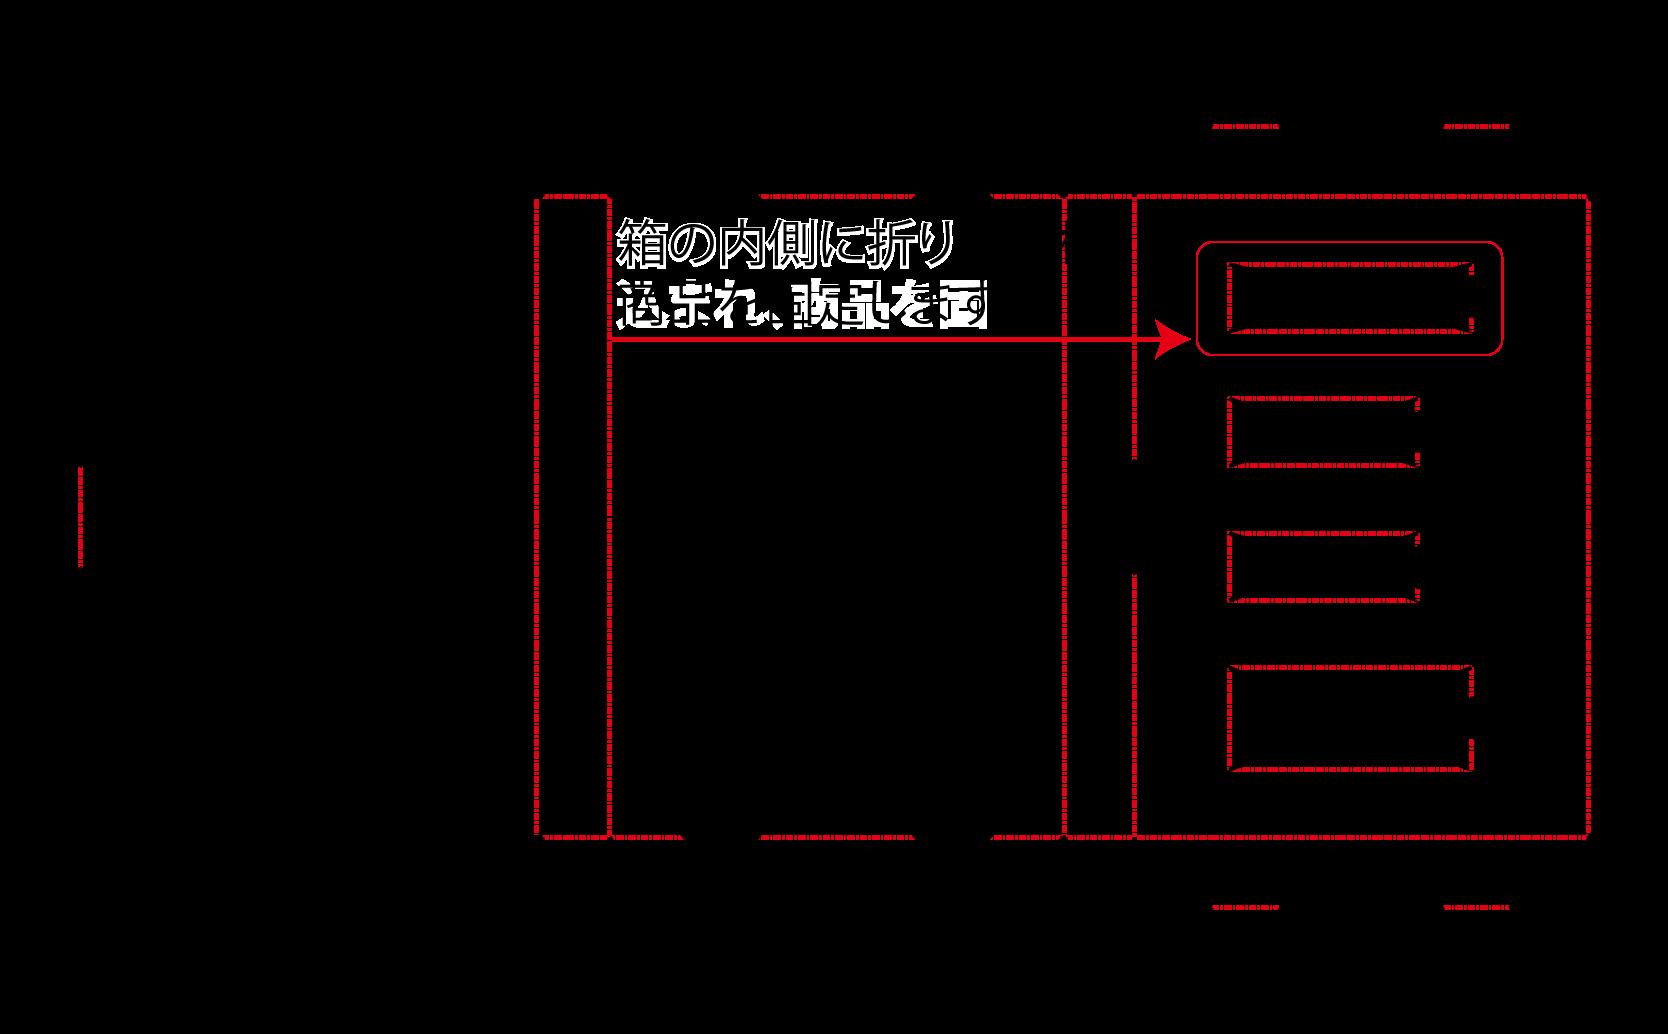 商品のサイズに合わせた箱一体型のゲス